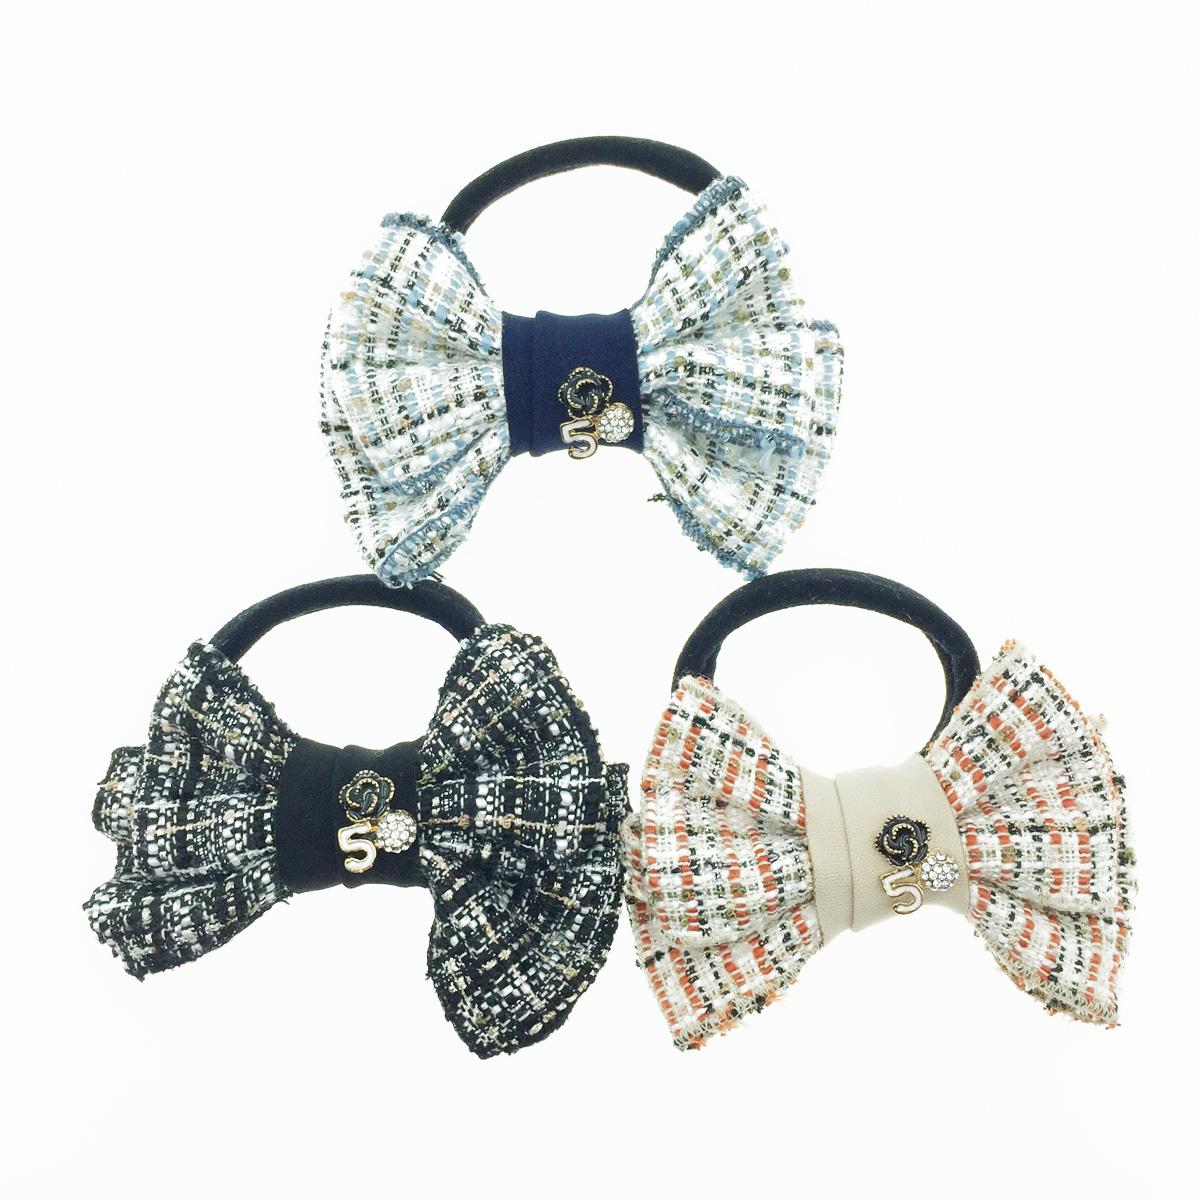 韓國 小香風 數字5 蝴蝶結 水鑽 花 髮飾 髮束